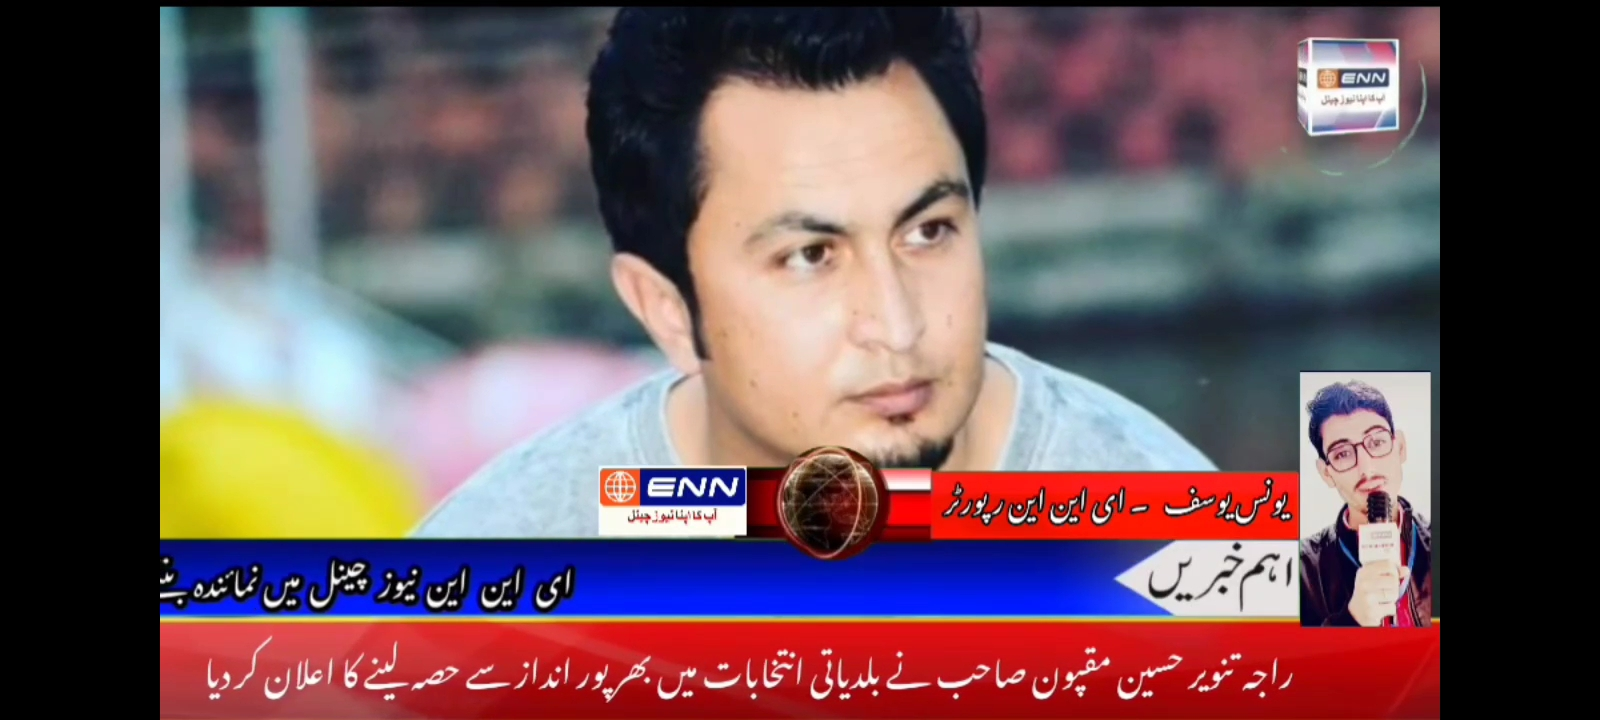 راجہ تنویر حسین مقپون صاحب نے بلدیاتی انتخابات میں بھرپور انداز سے حصہ لینے کا اعلان کر دیا